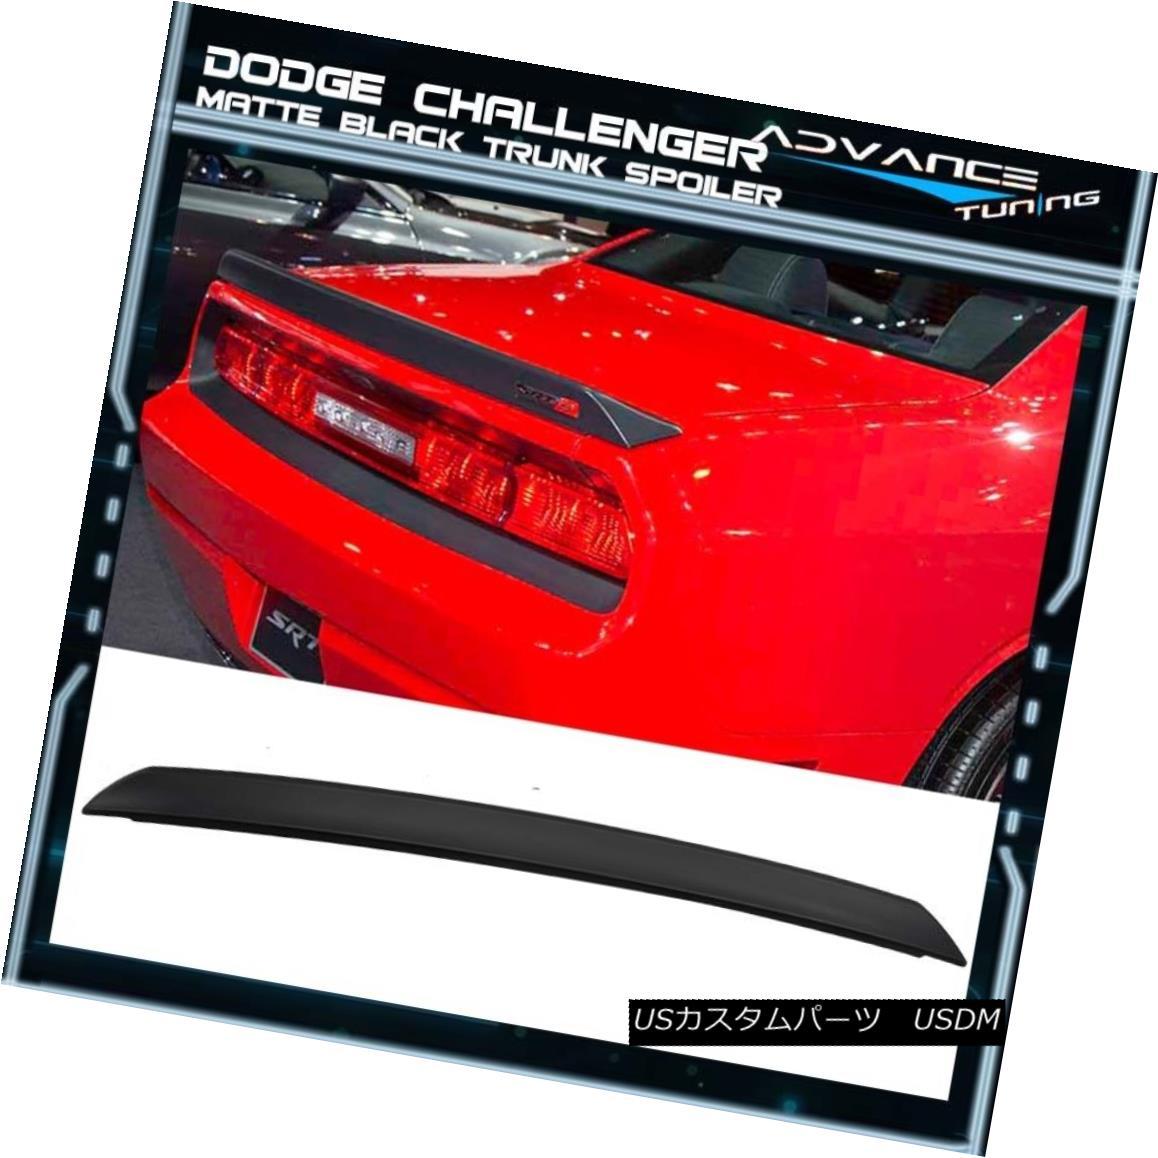 エアロパーツ Matte Black! Fits 08-17 Dodge Challenger 2Dr Coupe SRT Style Trunk Spoiler - ABS マットブラック! フィット08-17ドッジチャレンジャー2DrクーペSRTスタイルのトランクスポイラー - ABS